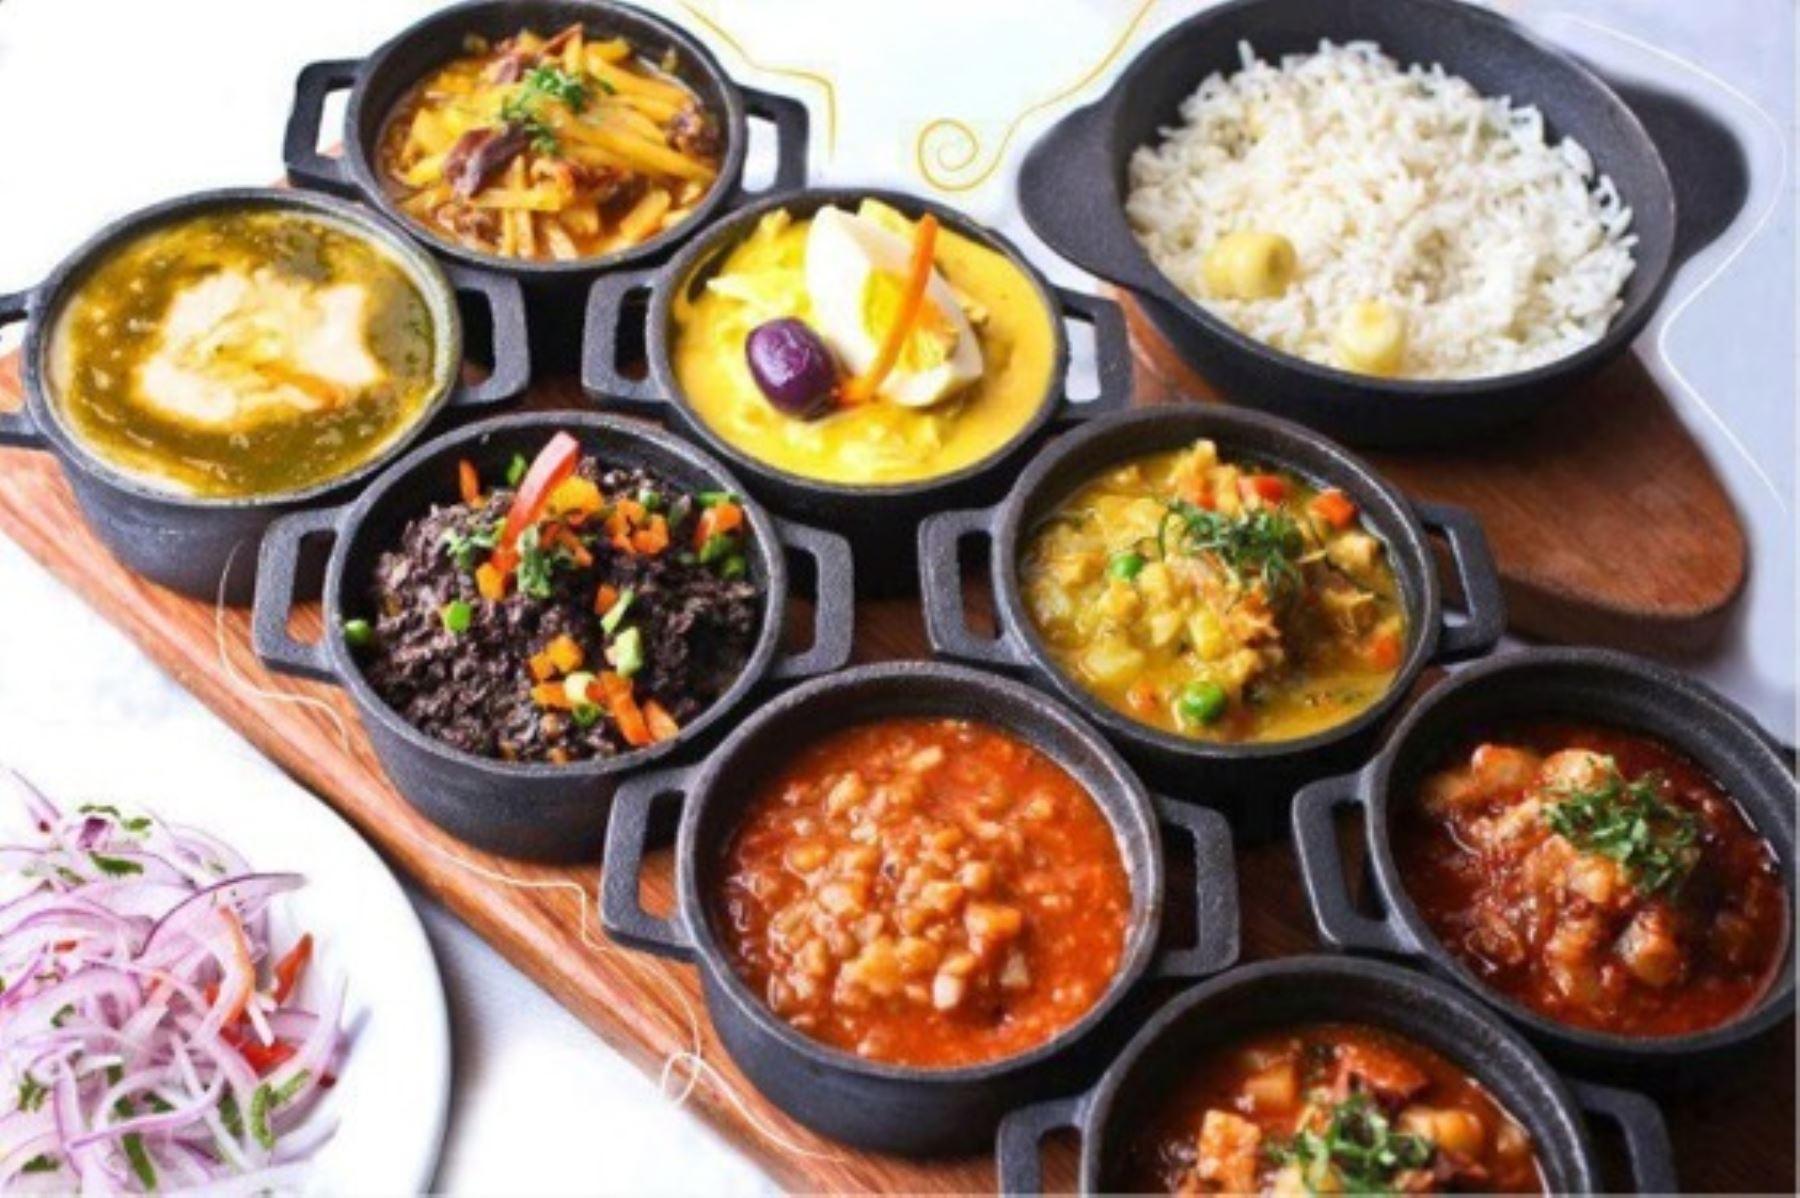 Familias disfrutarán de la diversa gastronomía nacional. ANDINA/Difusión